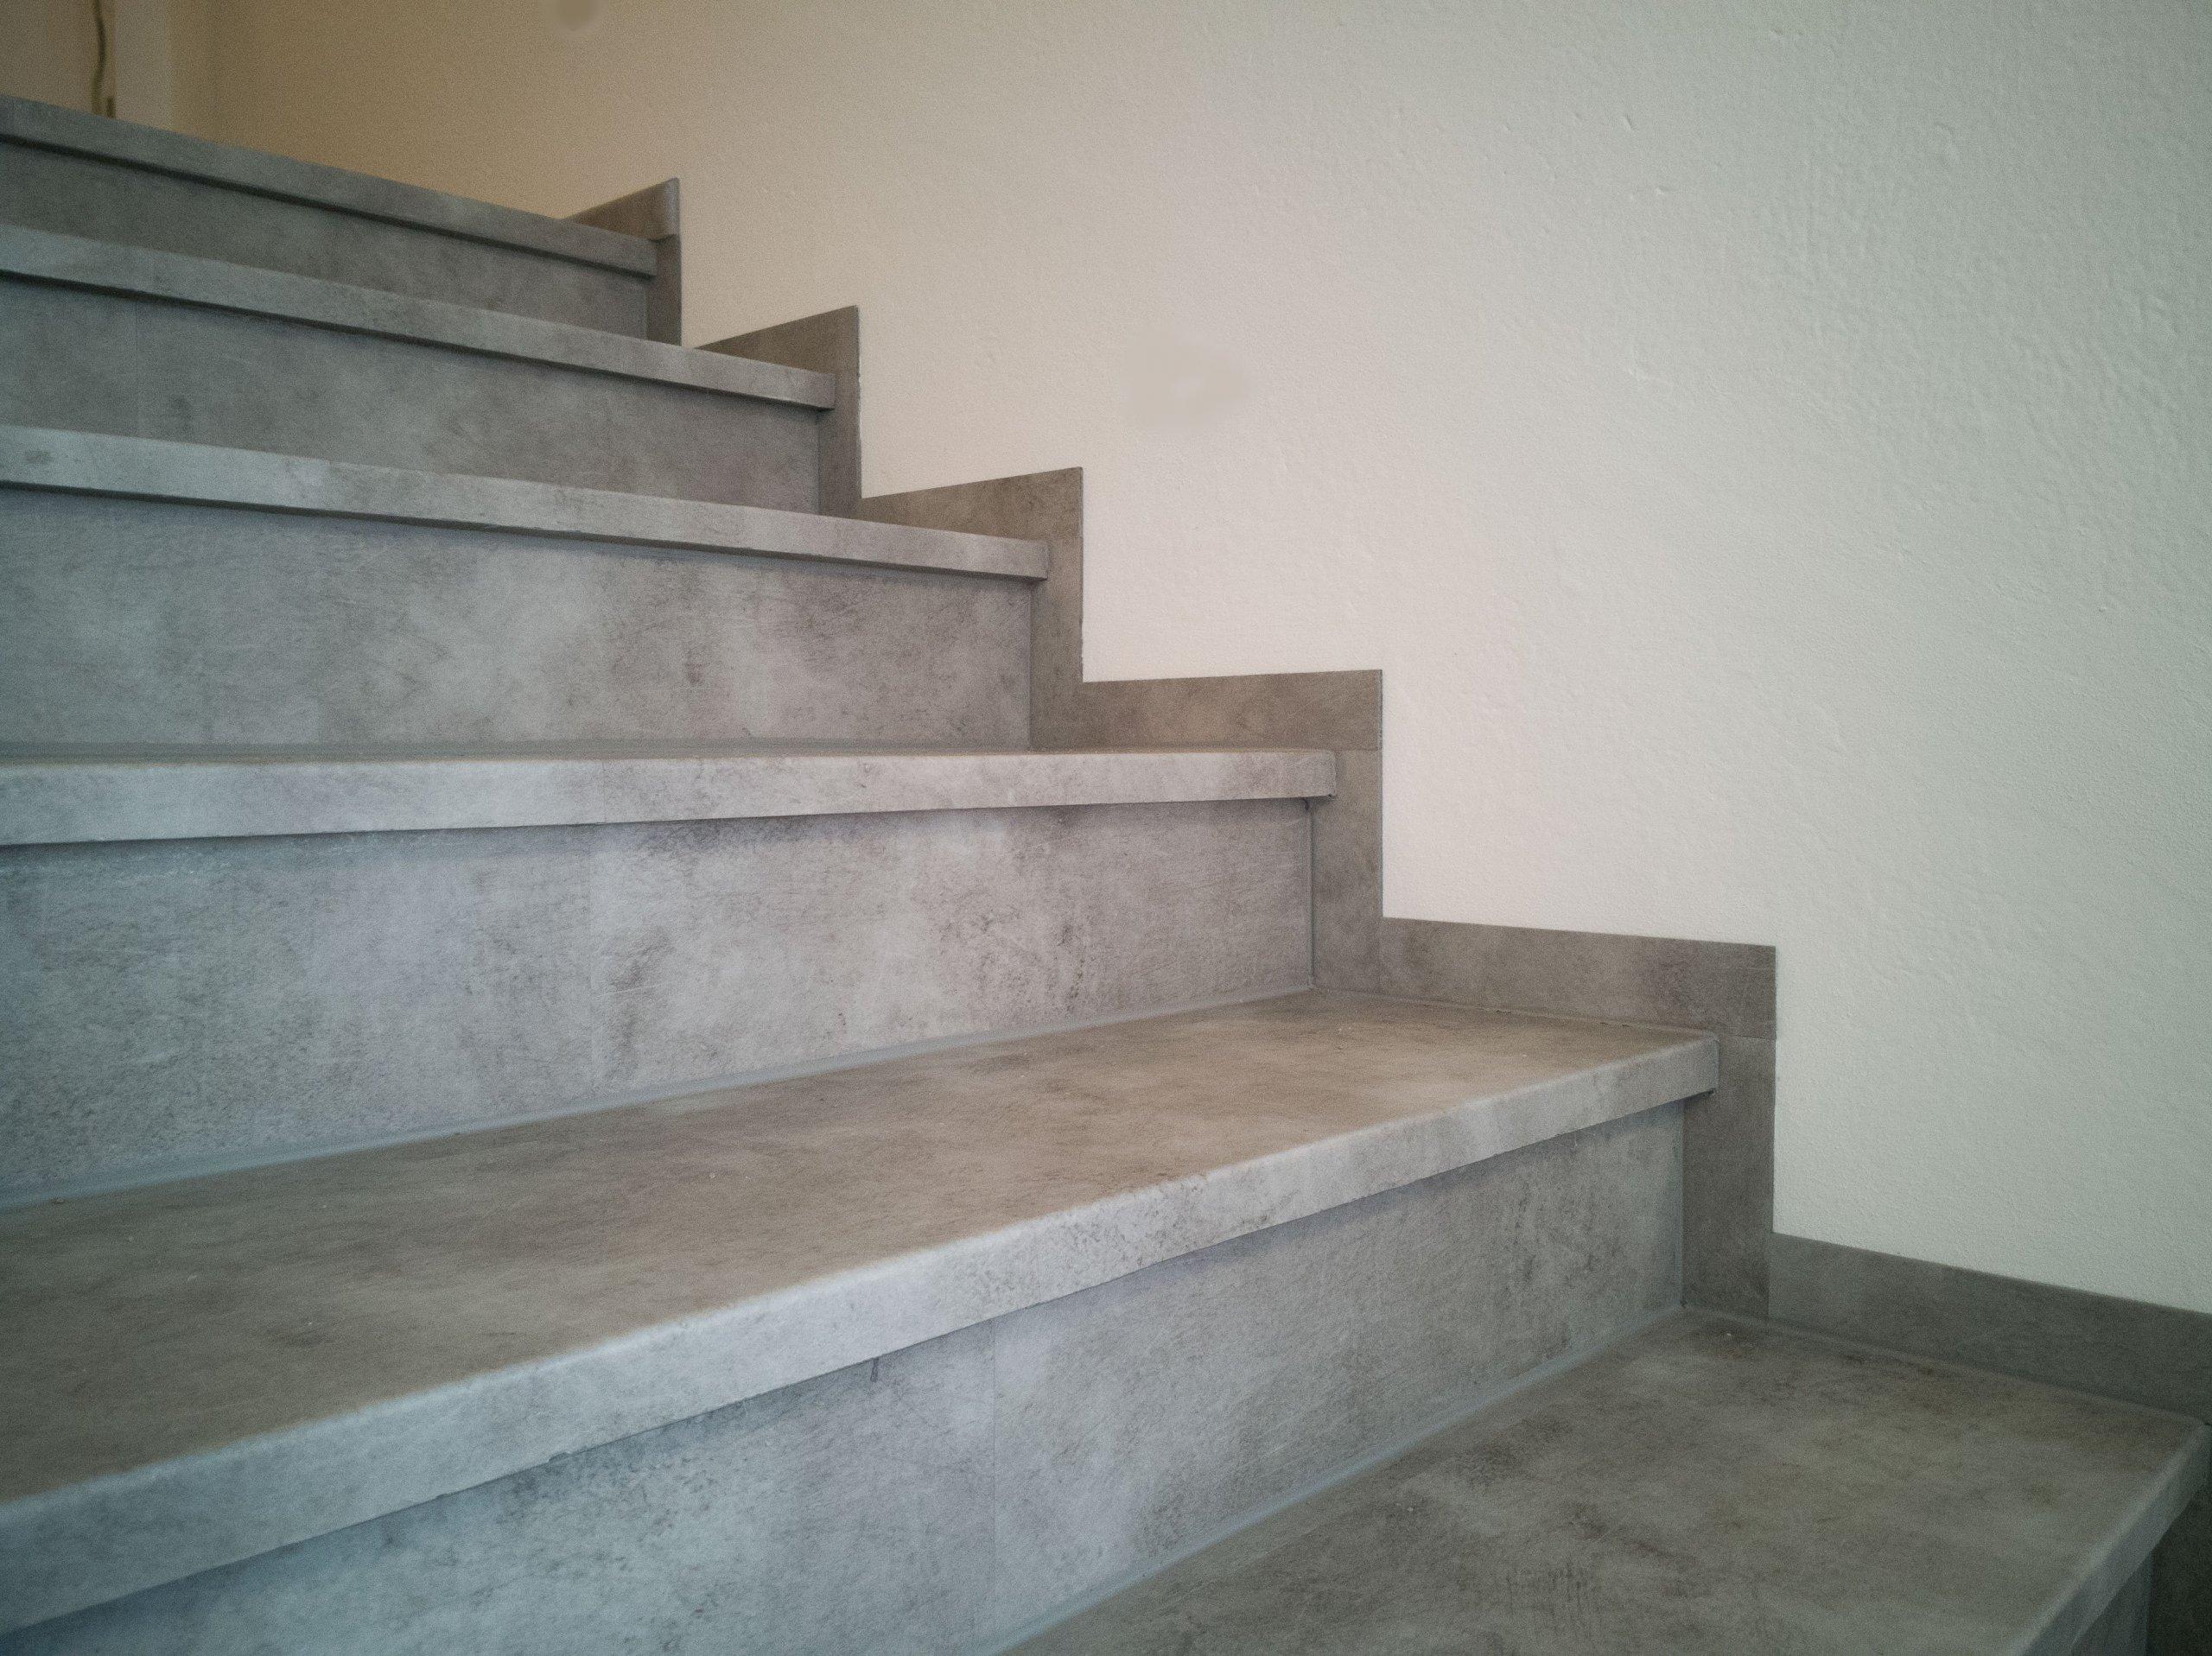 Finální stav schodiště po renovaci - detail